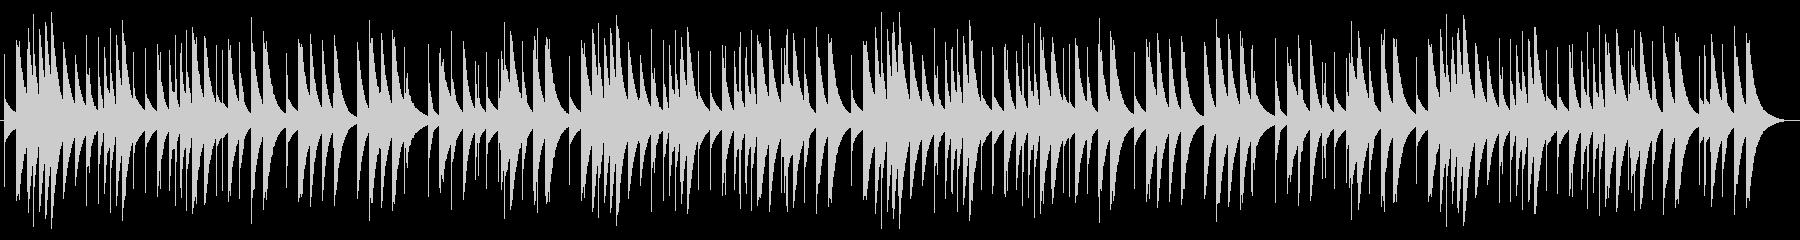 ド定番なXmasキャロル【オルゴール】の未再生の波形